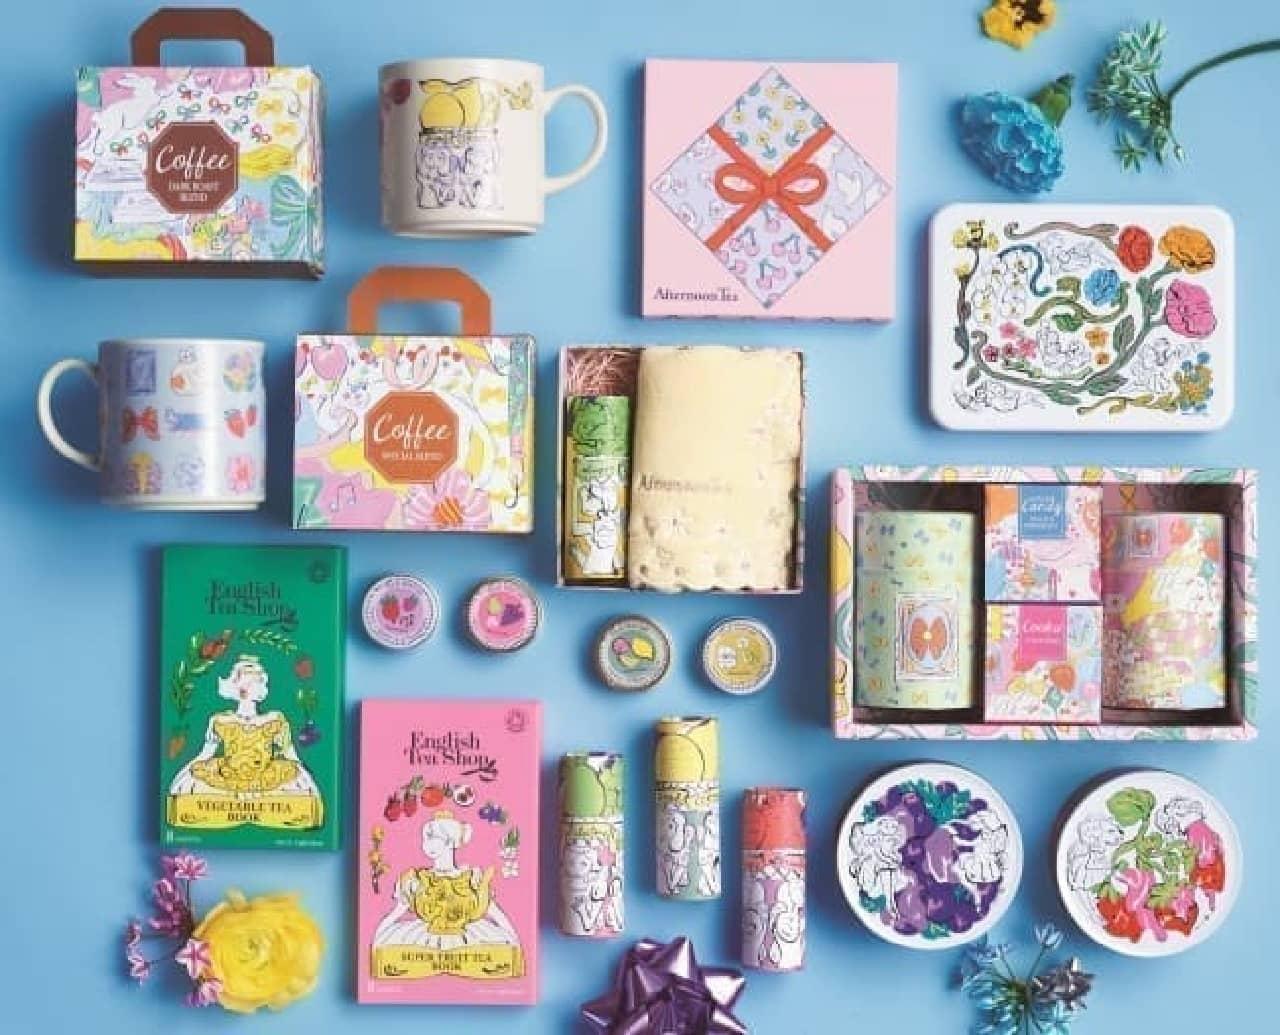 Afternoon Tea LIVINGから春限定ギフト商品--美しいボックスに雑貨やスイーツを詰め合わせて